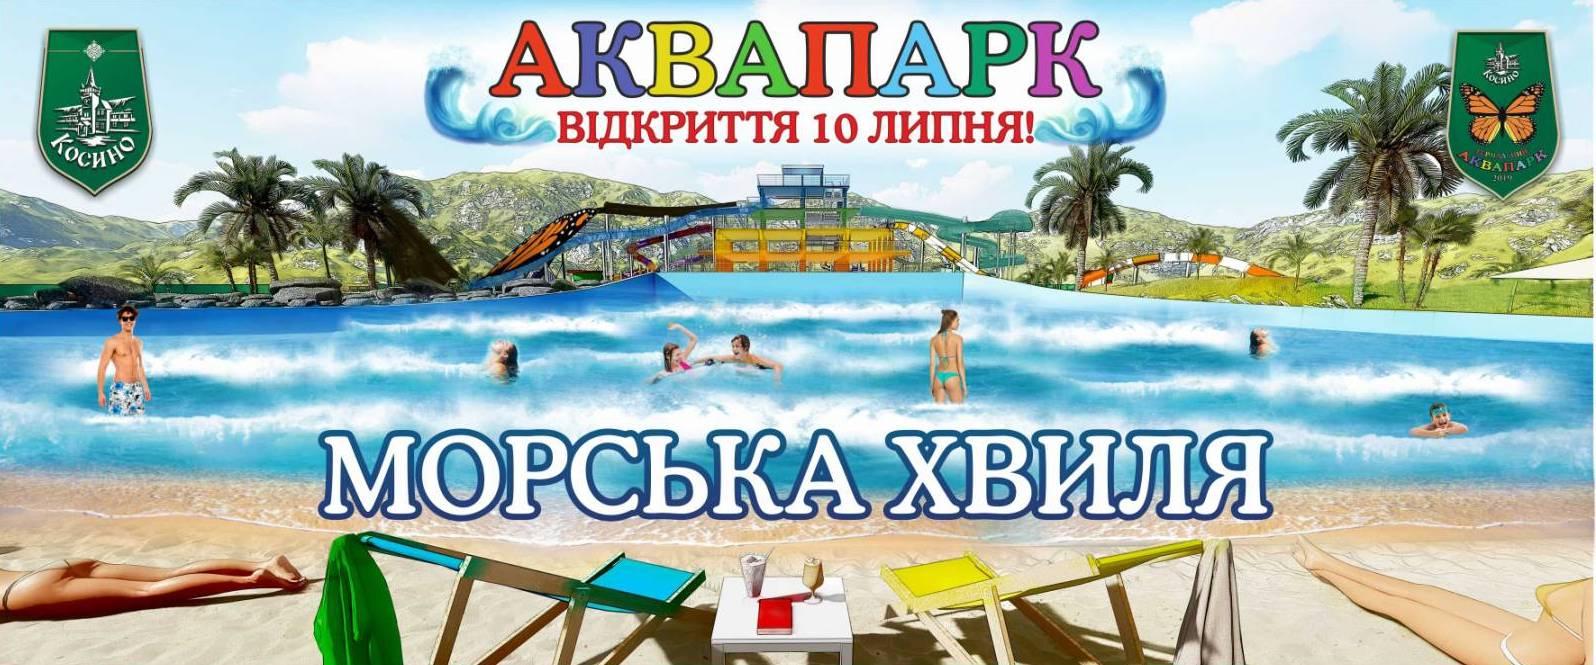 """Аквапарк """"Косино"""": коли відкриття, ціни 2020 року та новинка сезону – максимально повна інформація"""